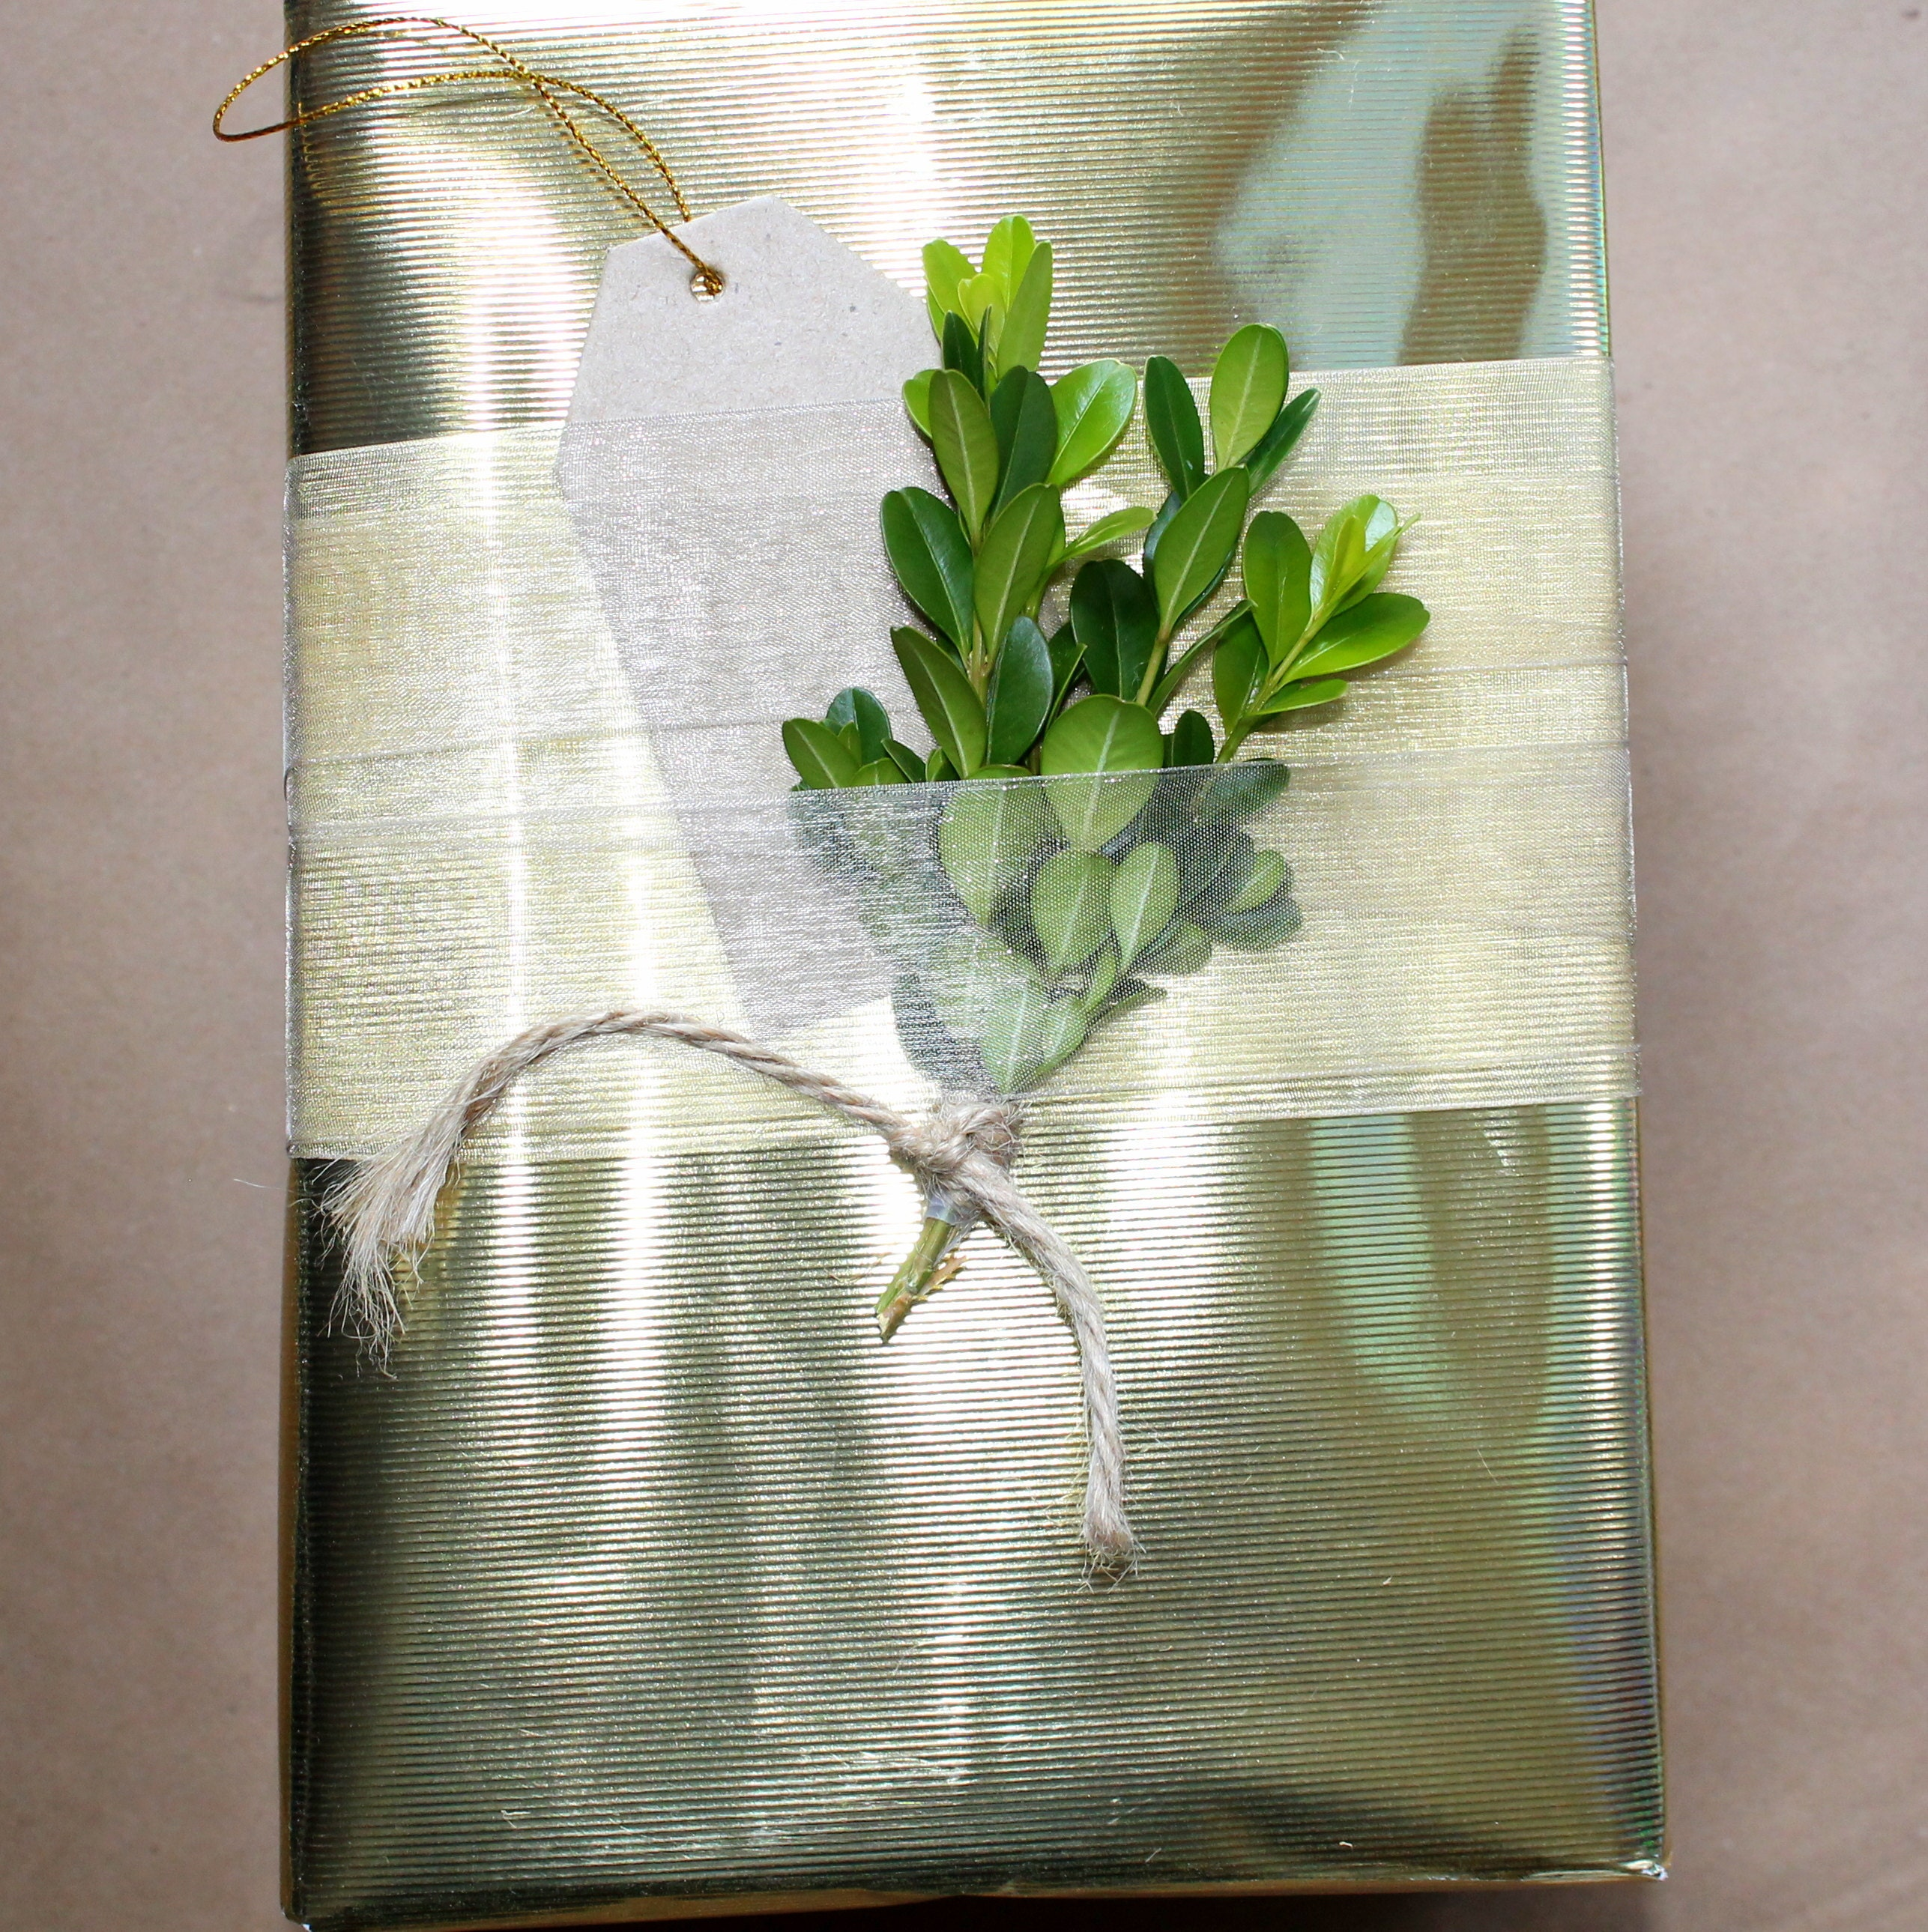 bauernhaus verzinktem metall wand blumentopf zinn metall wand